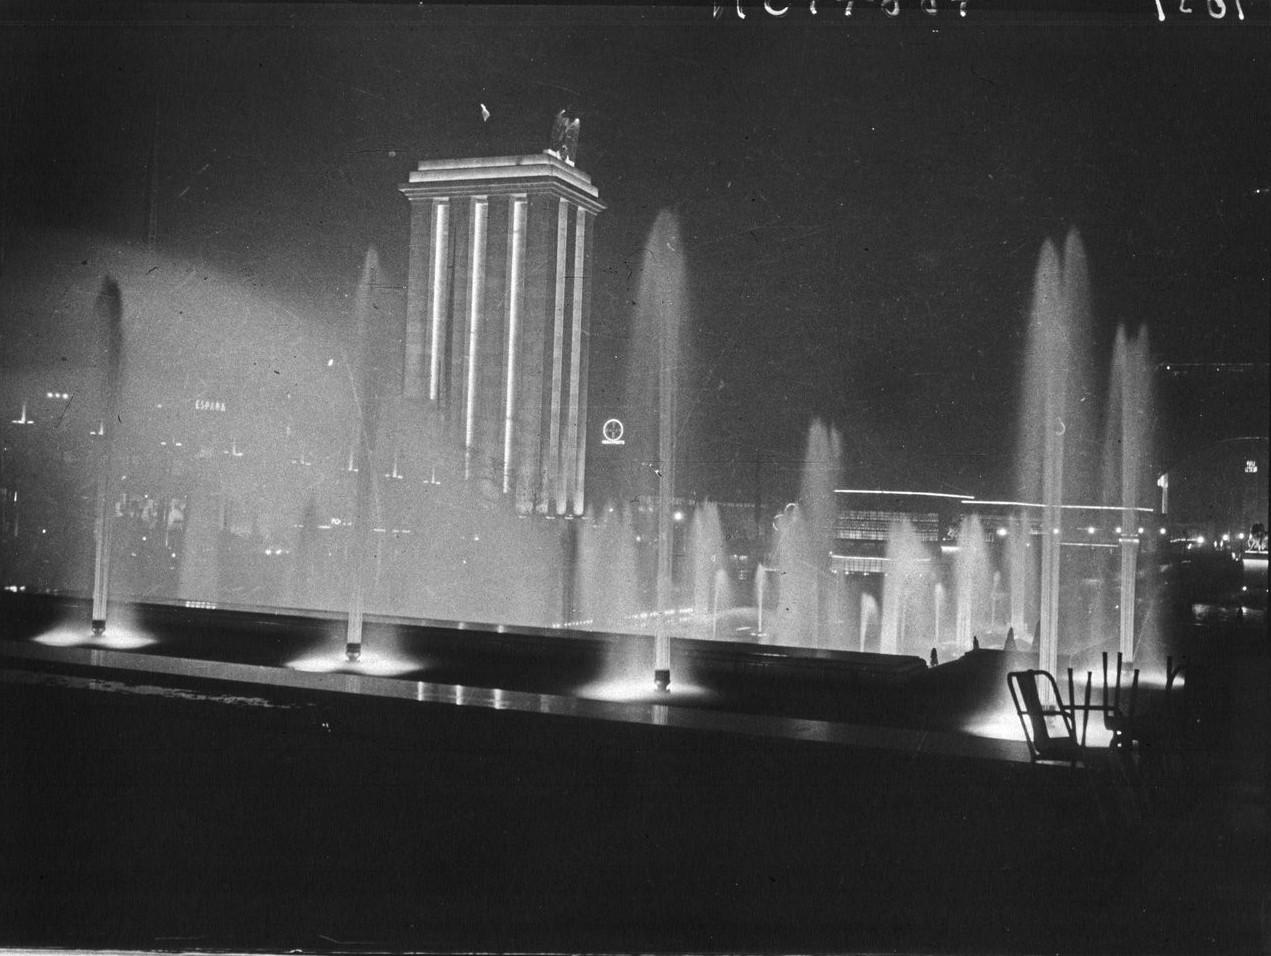 Ночной вид фонтанов Трокадеро и павильона Германии